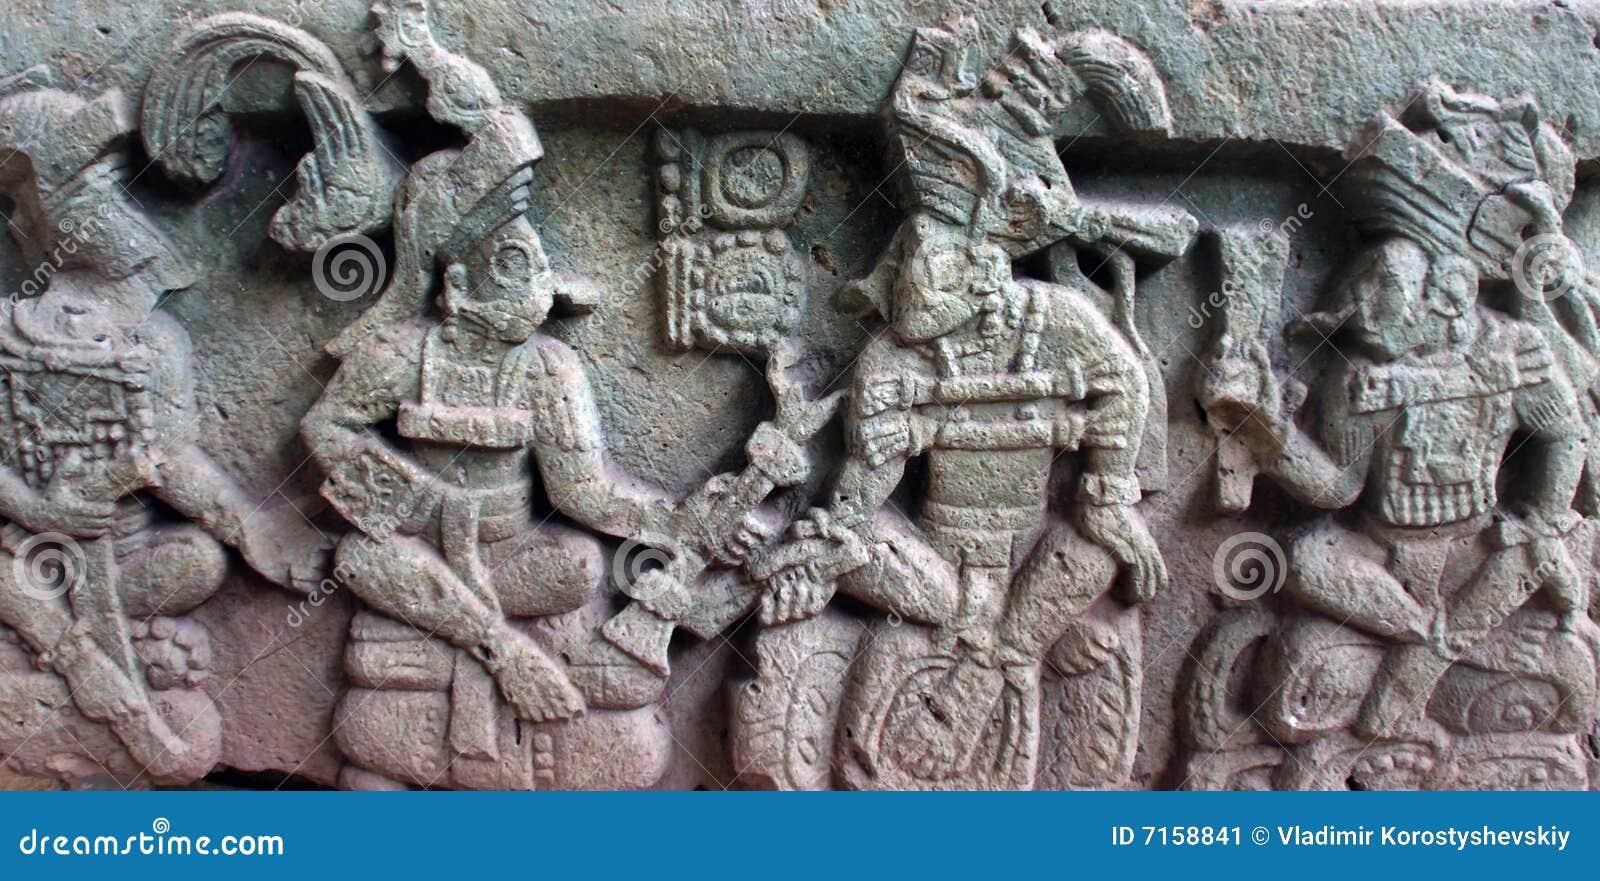 Basy przedstawia inich k mo reliefowego uk yax